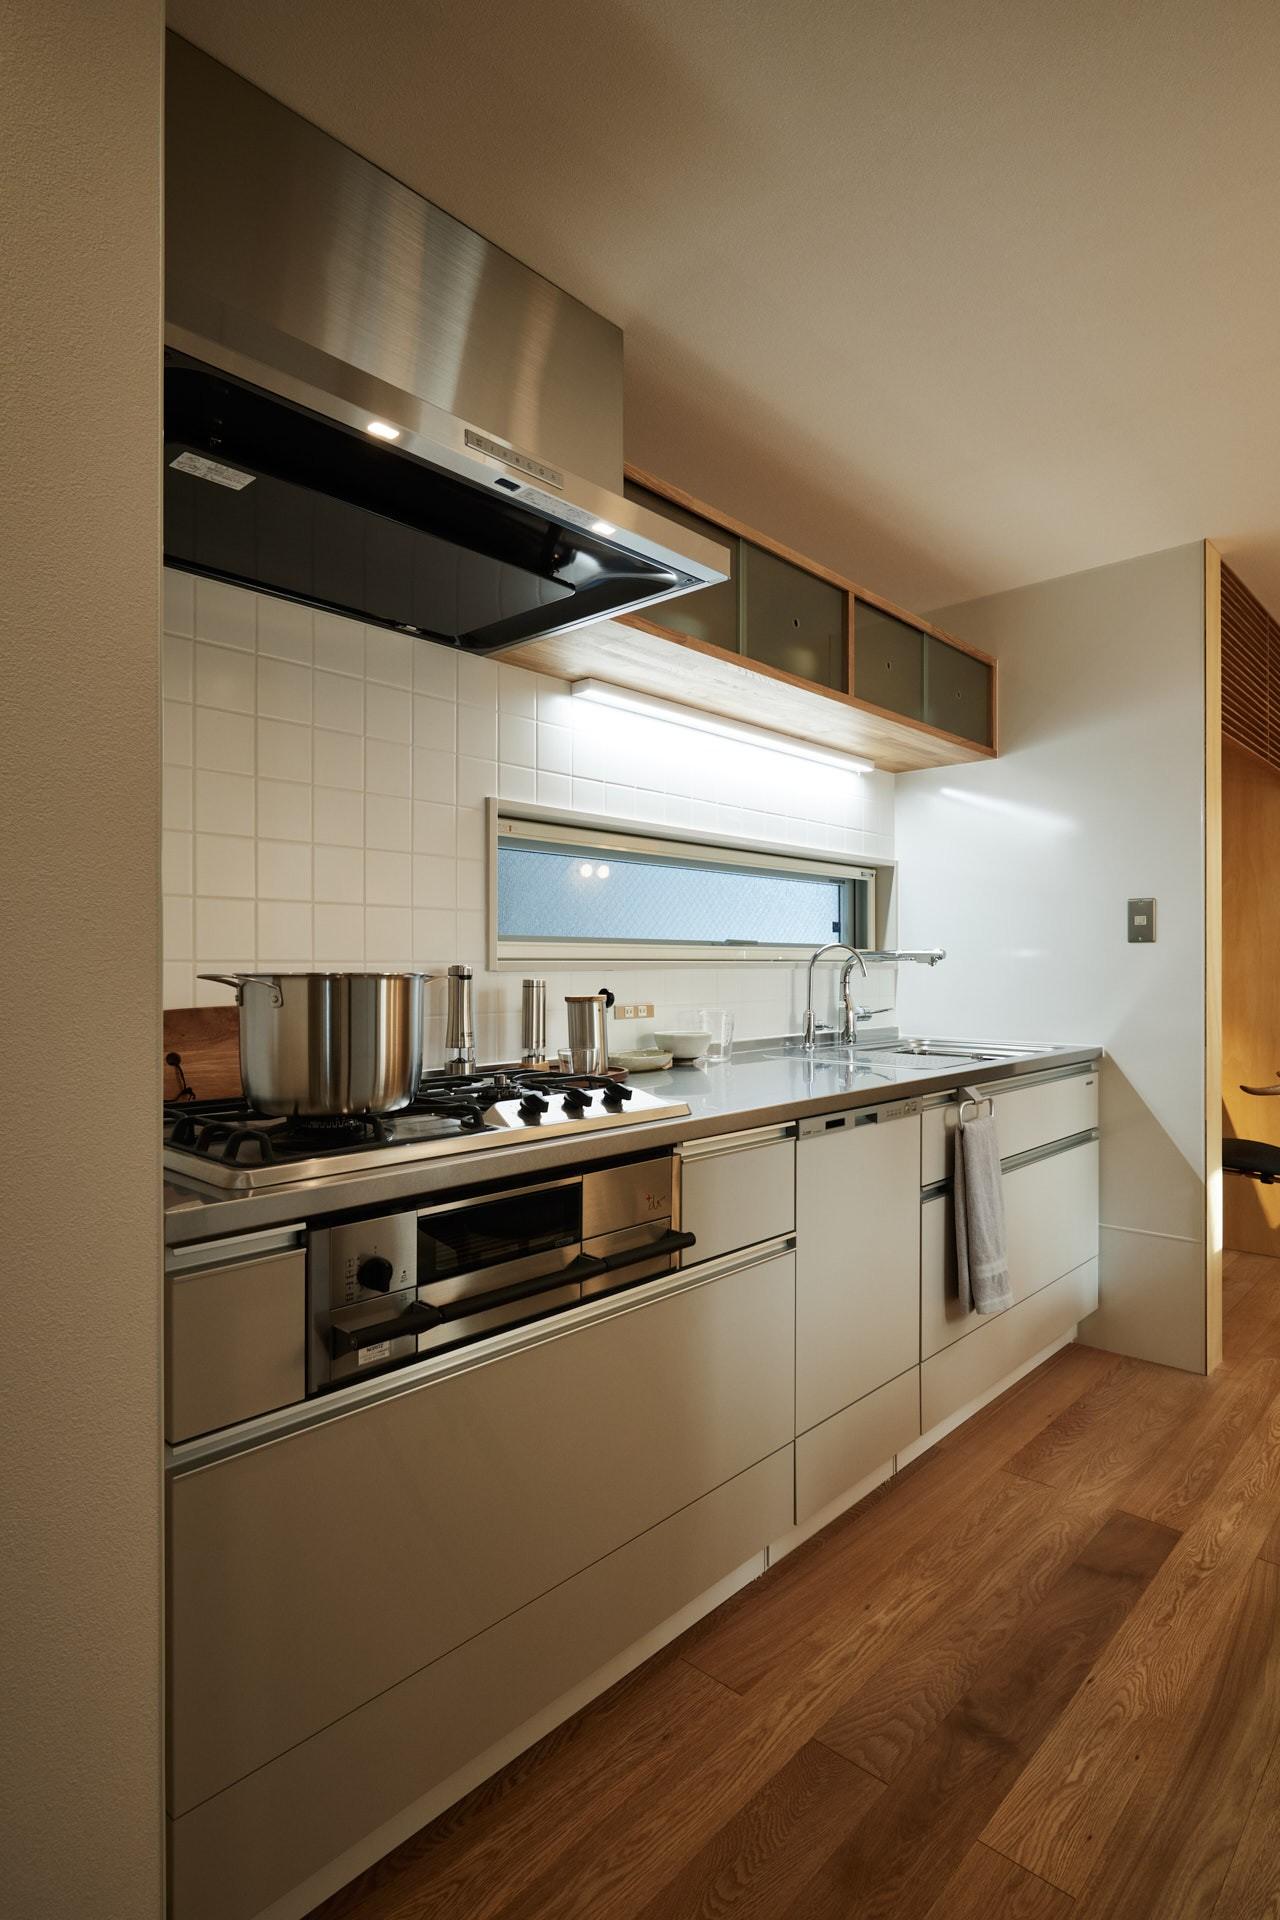 DETAIL HOME(ディテールホーム)「素材を楽しむ小さな家」のシンプル・ナチュラルなキッチンの実例写真